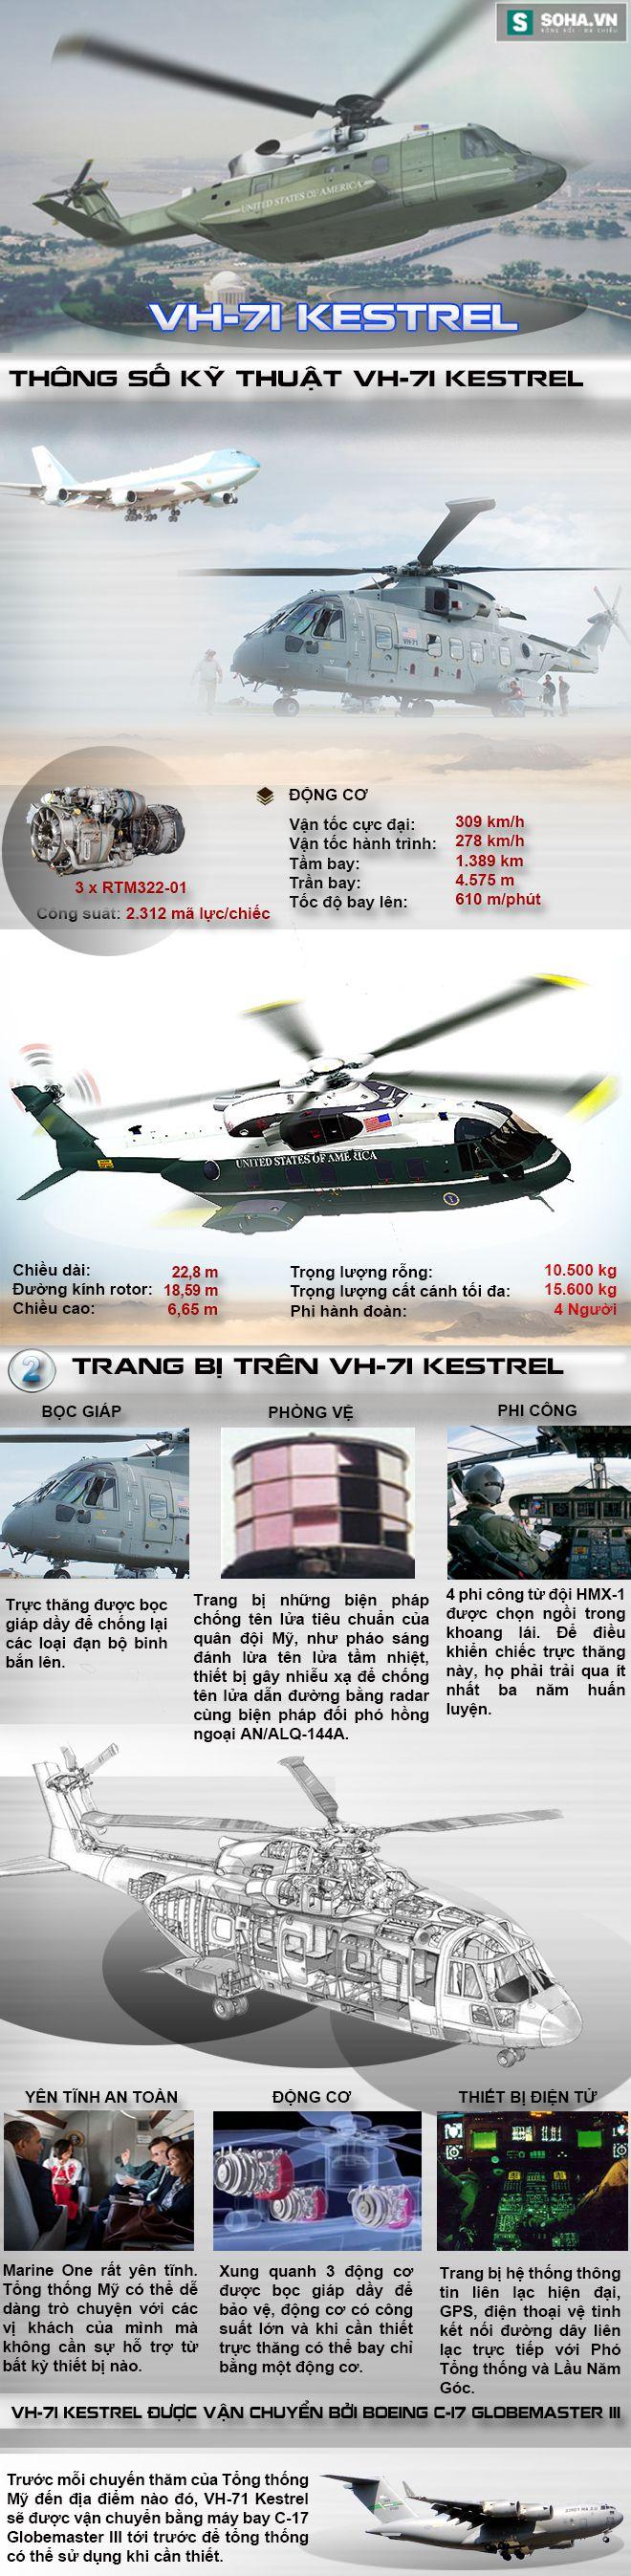 Khám phá tính năng ưu việt của trực thăng siêu đắt đỏ VH-71 Kestrel - Ảnh 1.